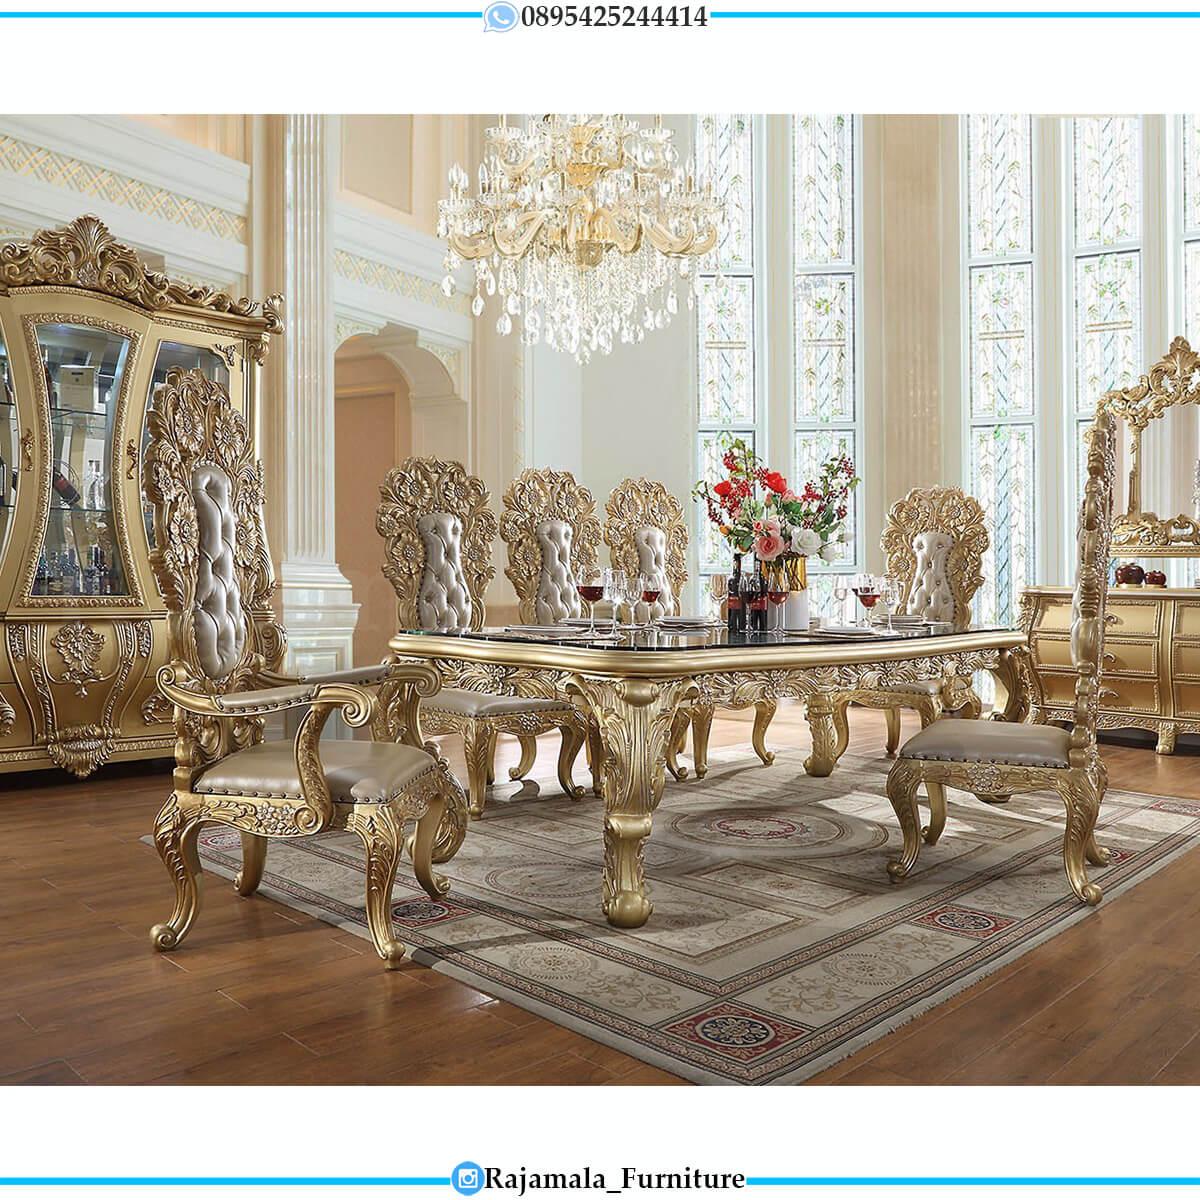 Epic Set Meja Makan Mewah Ukiran Terbaru Luxury Baroque Old Style RM-0709